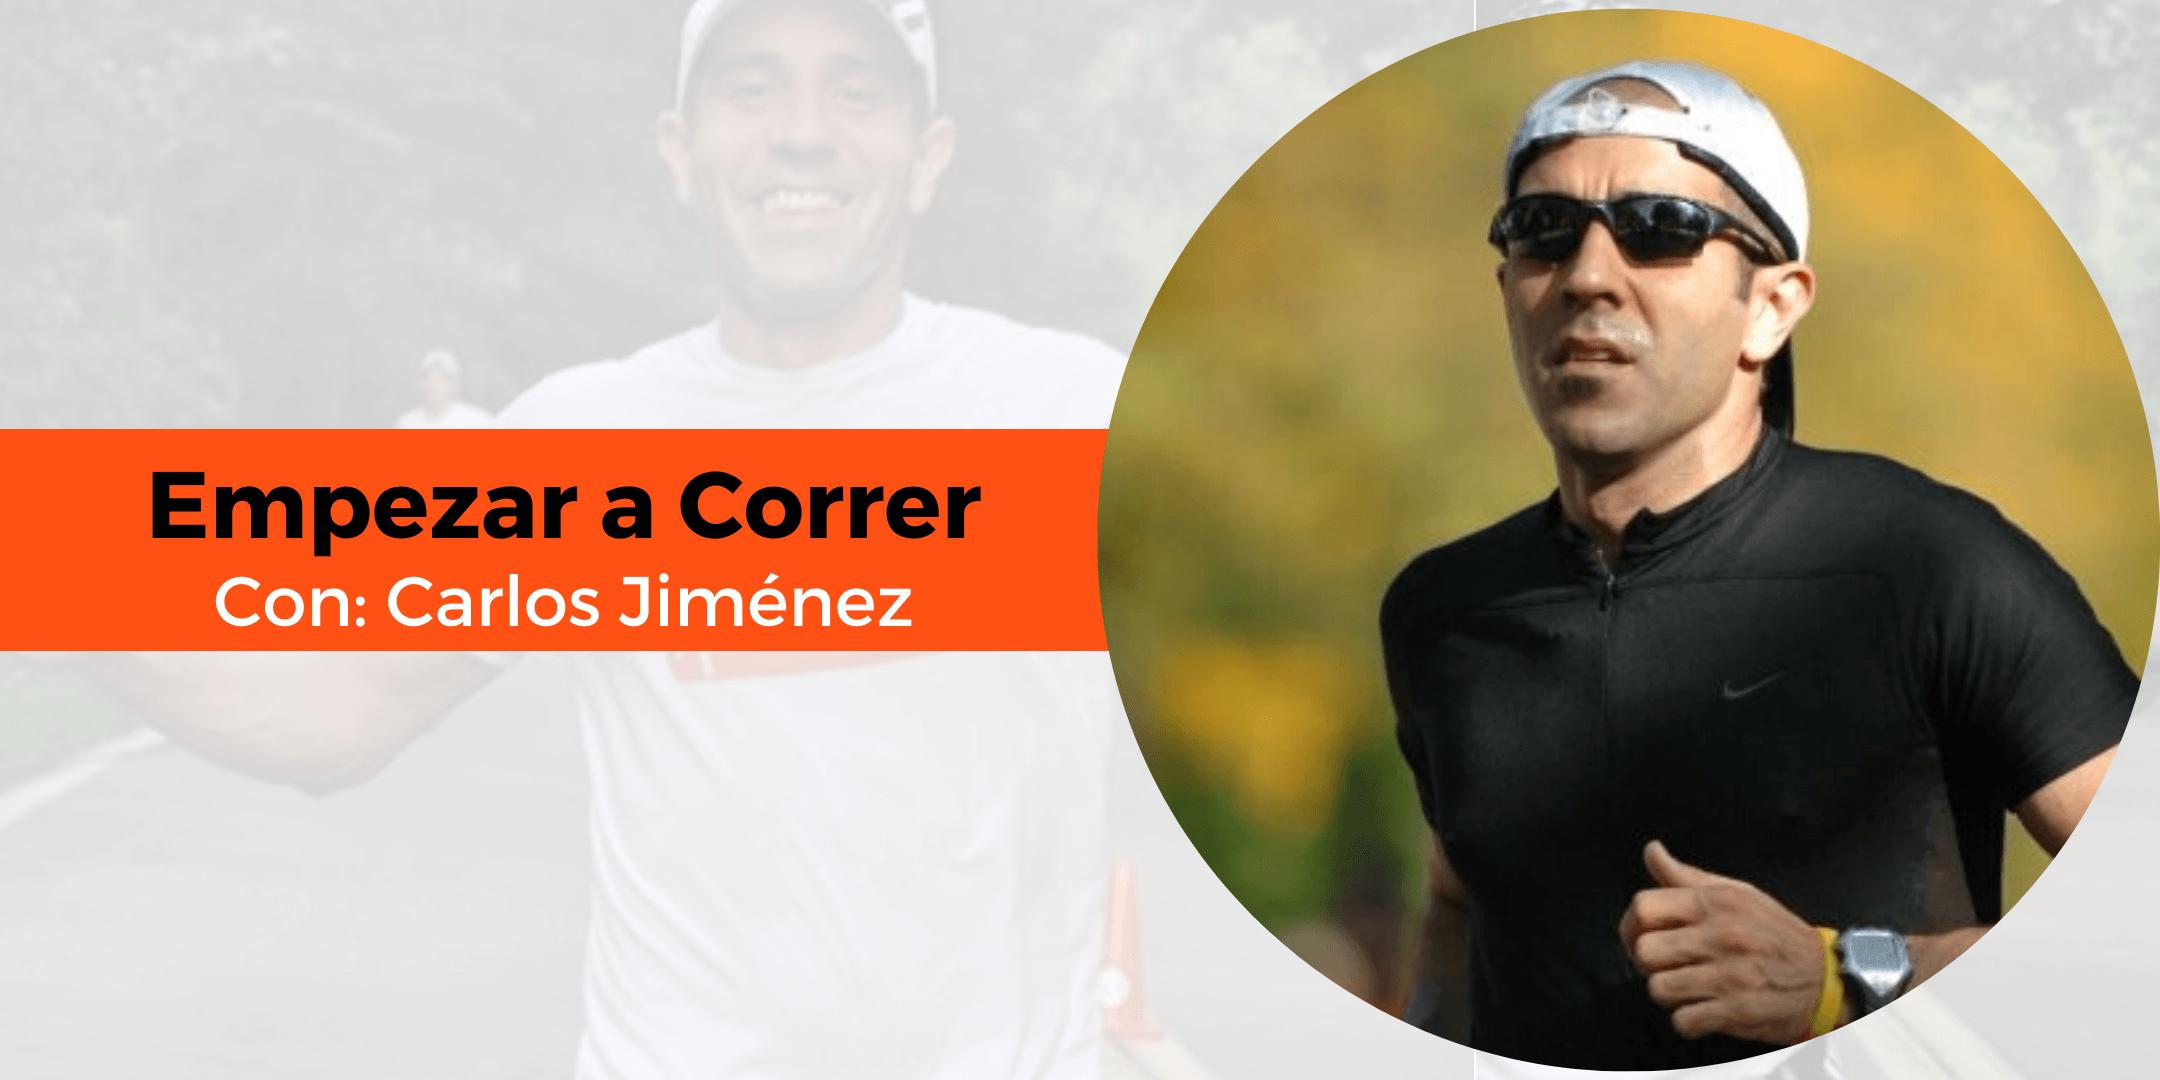 Empezar a correr con Carlos Jiménez